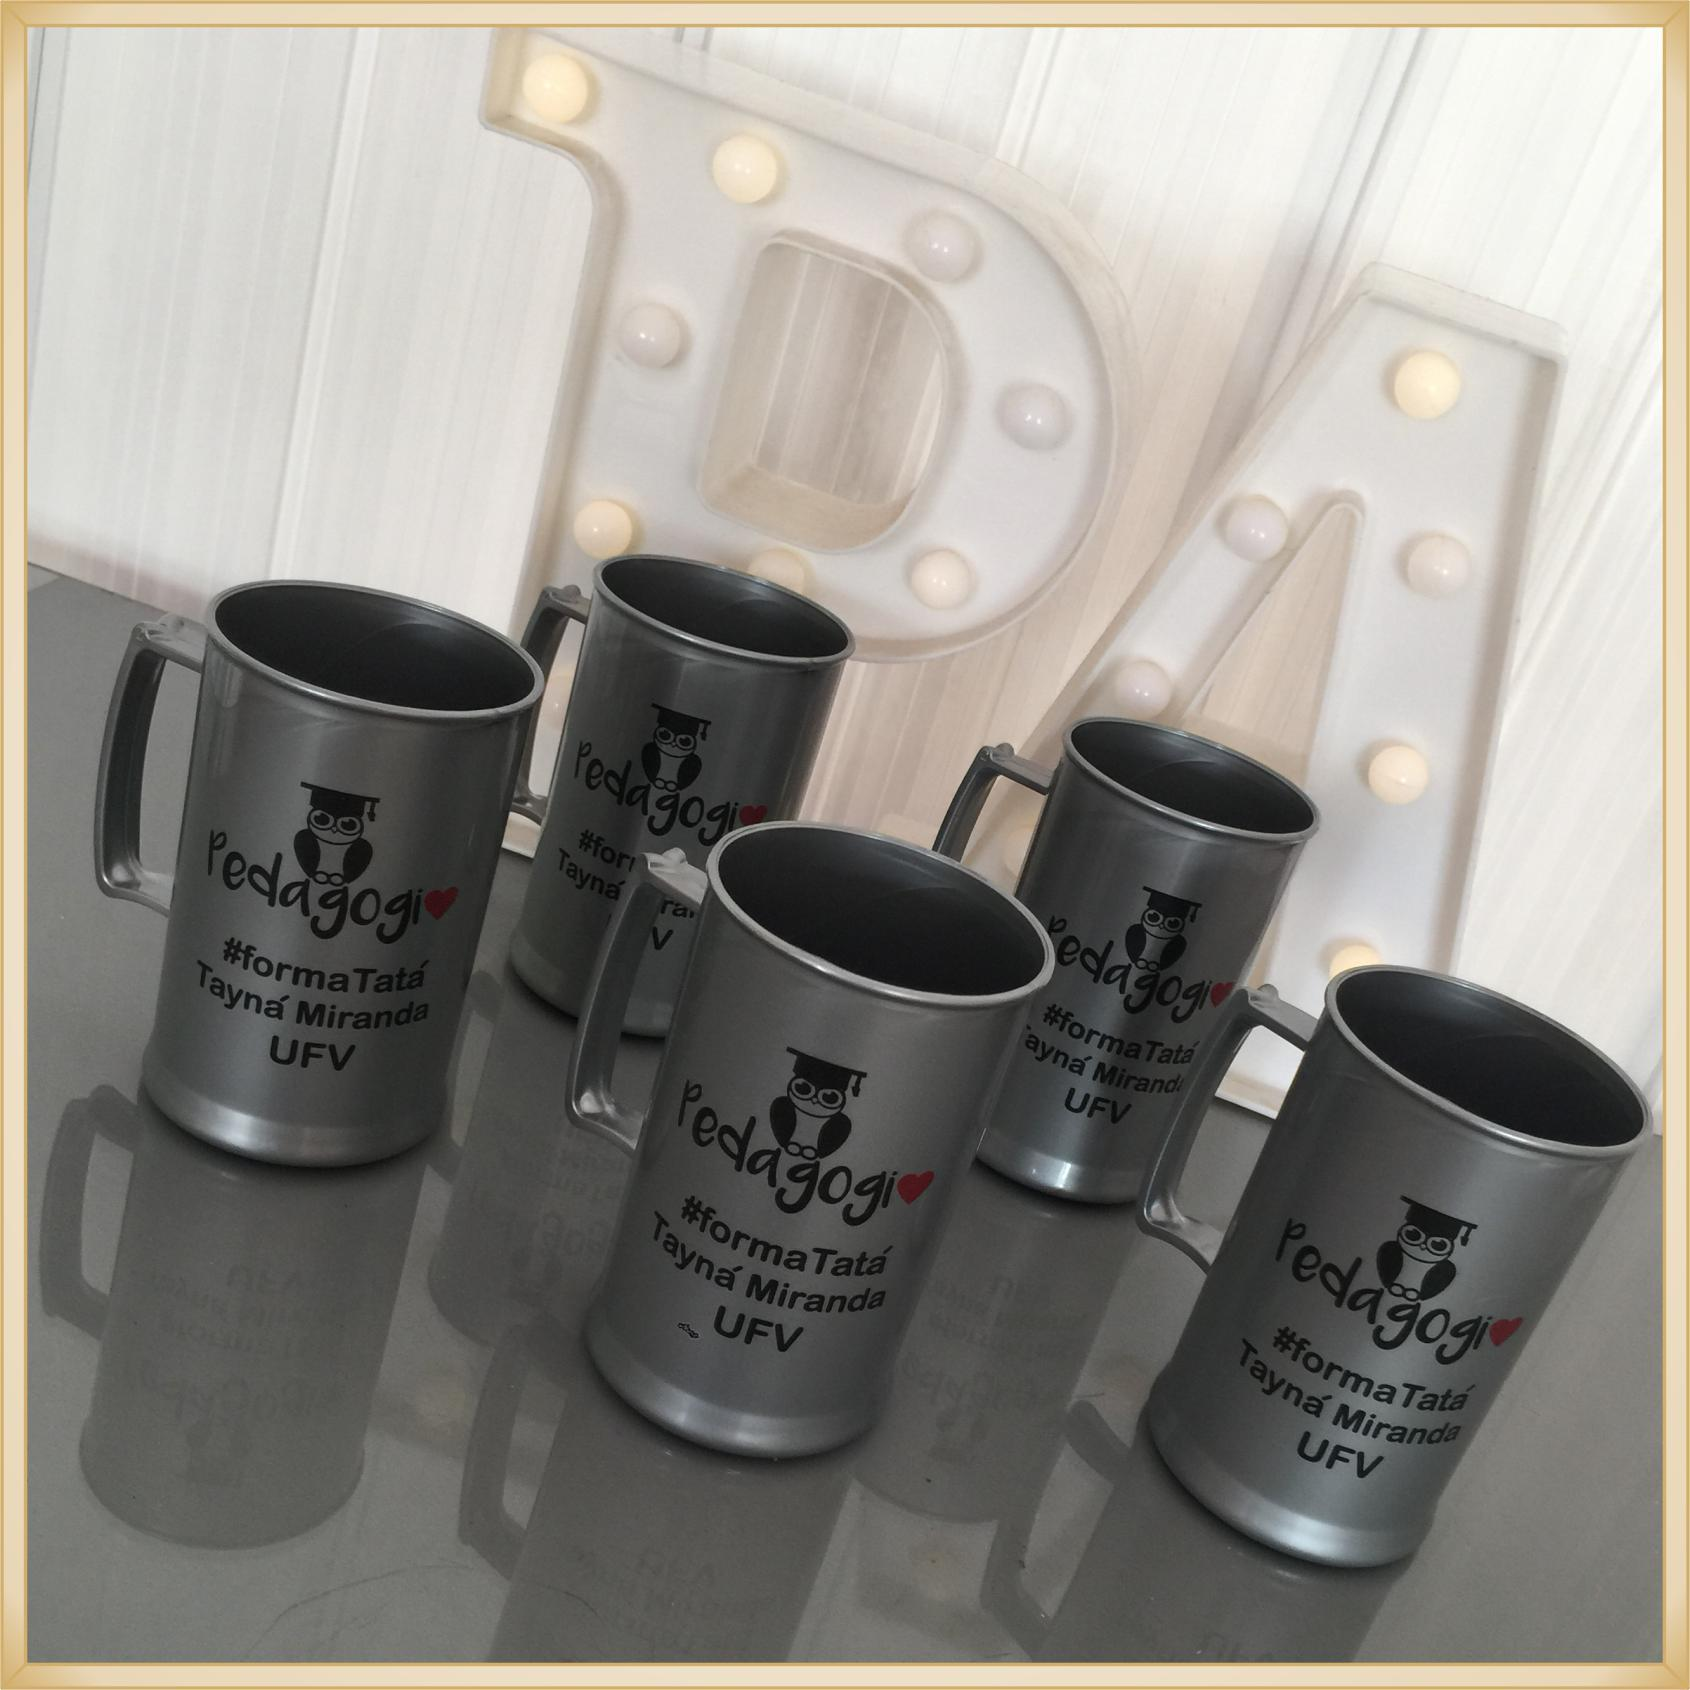 Canecas de acrílico personalizadas Formatura - alta qualidade, acabamento perfeito, parede de 2,5 mm, material atóxico, 300 ml - kit 30 unidades